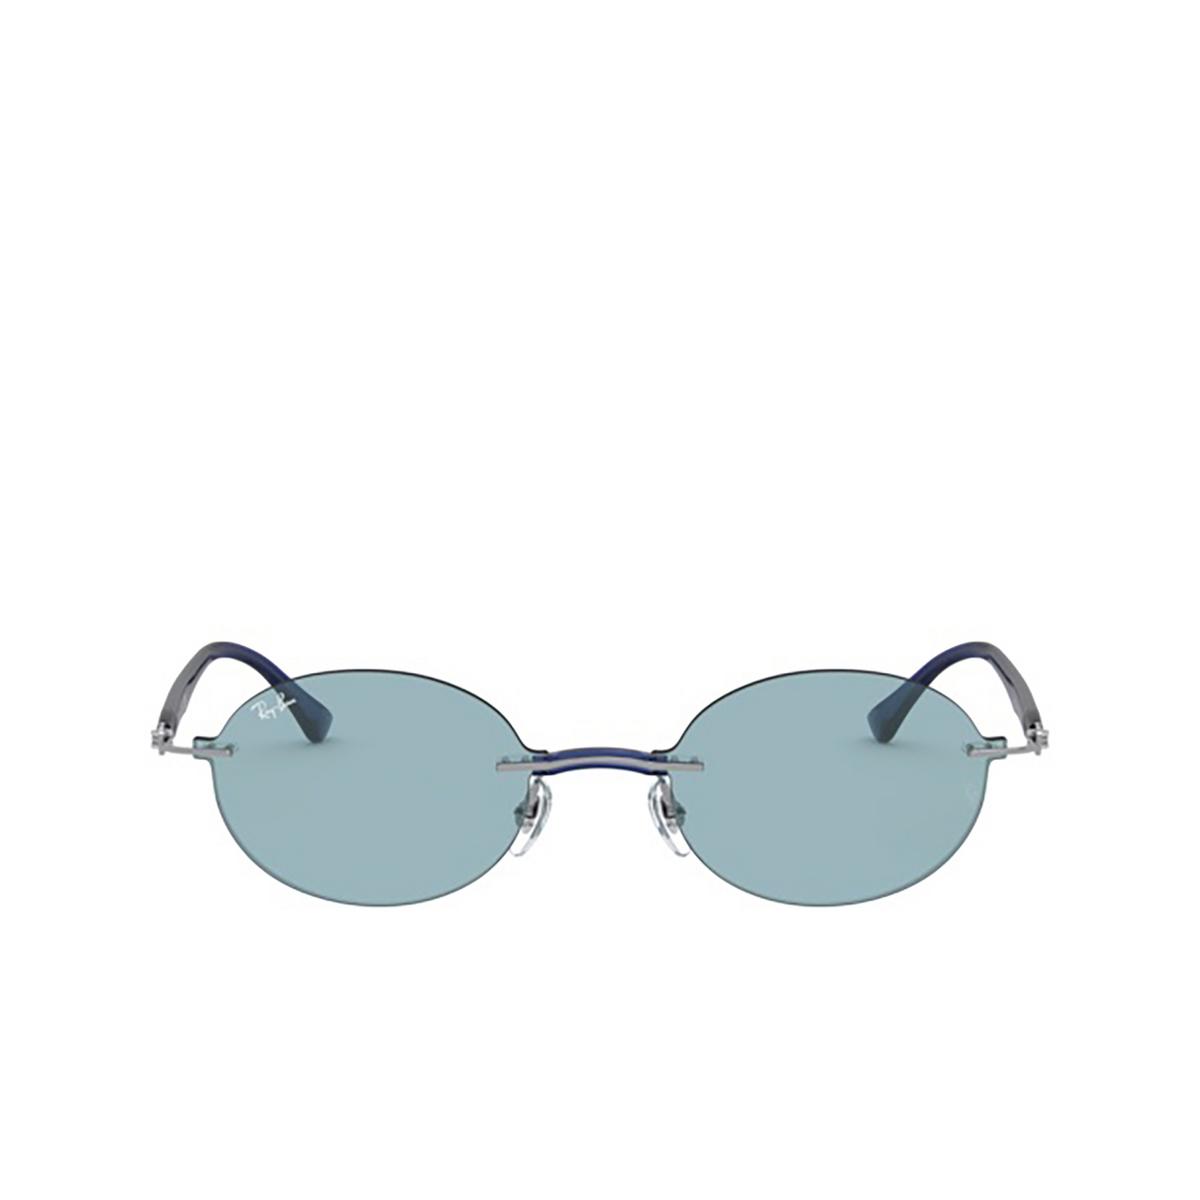 Ray-Ban® Oval Sunglasses: RB8060 color Gunmetal 004/80 - 1/3.